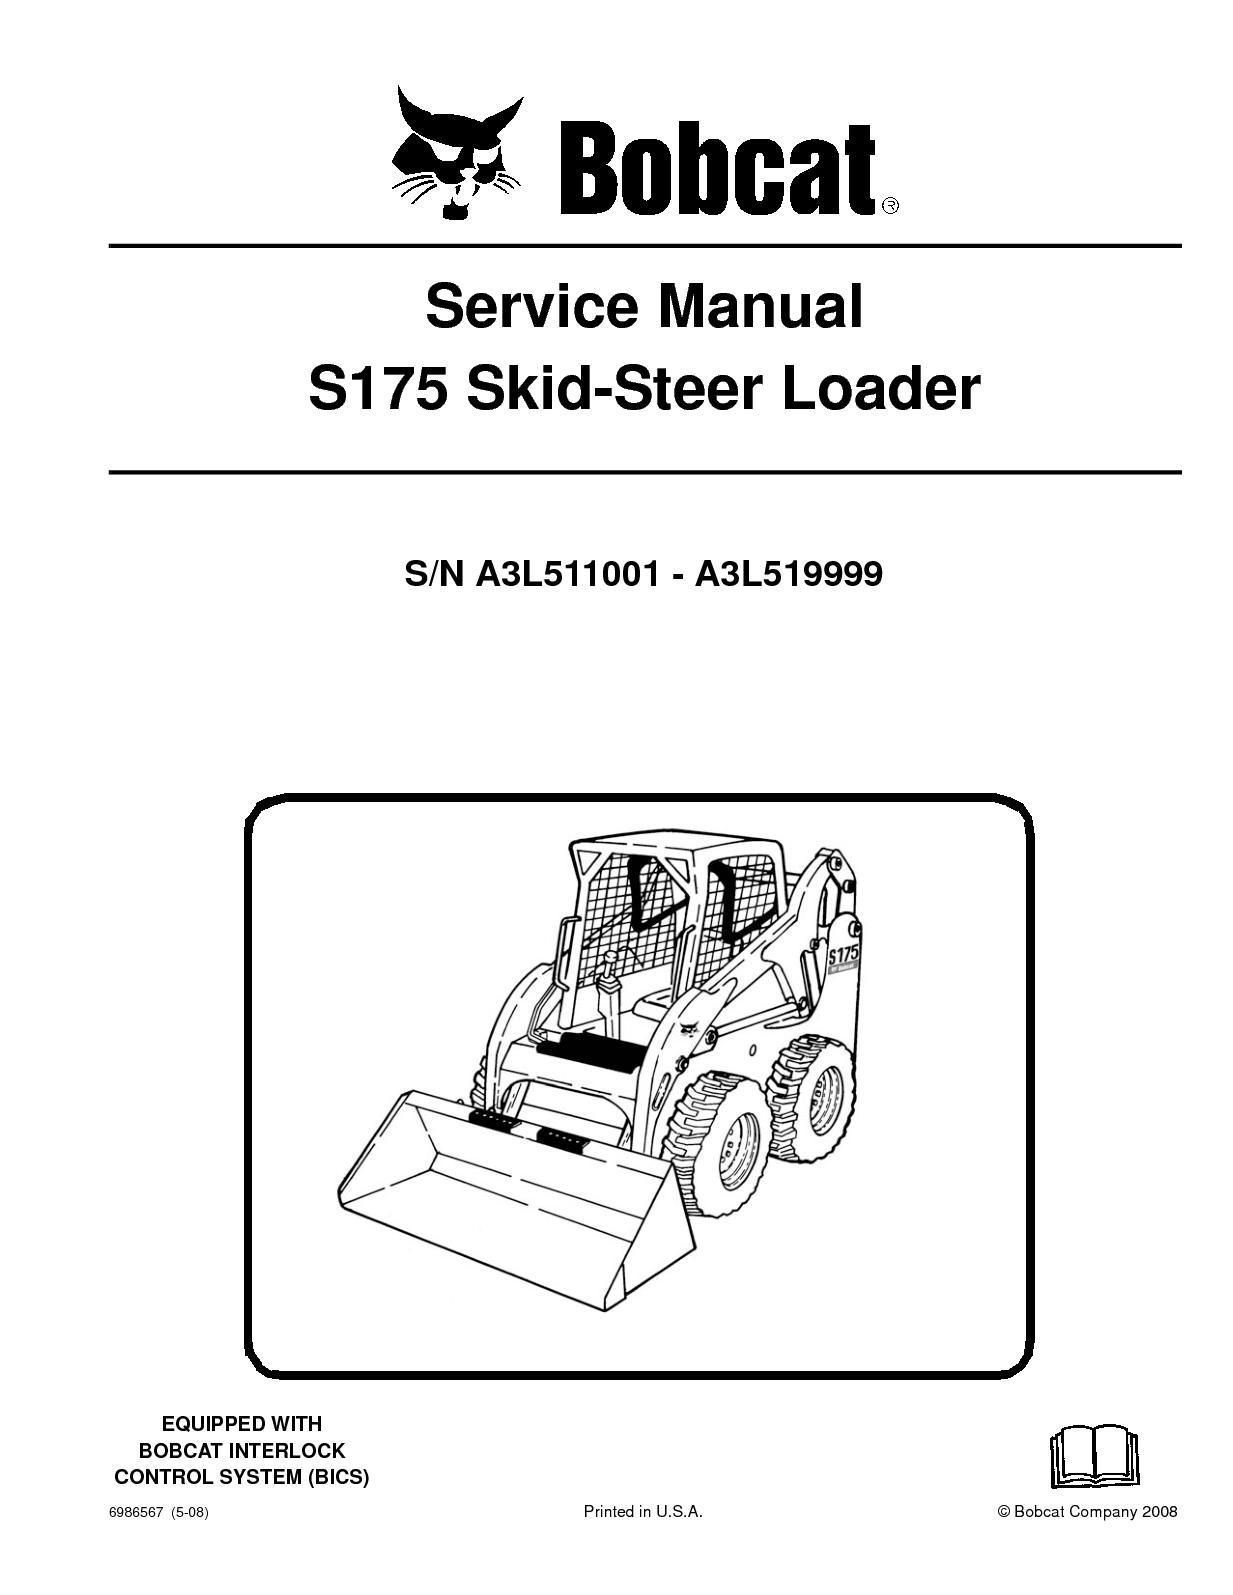 Bobcat S 175 Wire Diagram Wiring Diagrams S175 Calamo Skid Steer Loader Service Repair Manual Sn 763 Parts